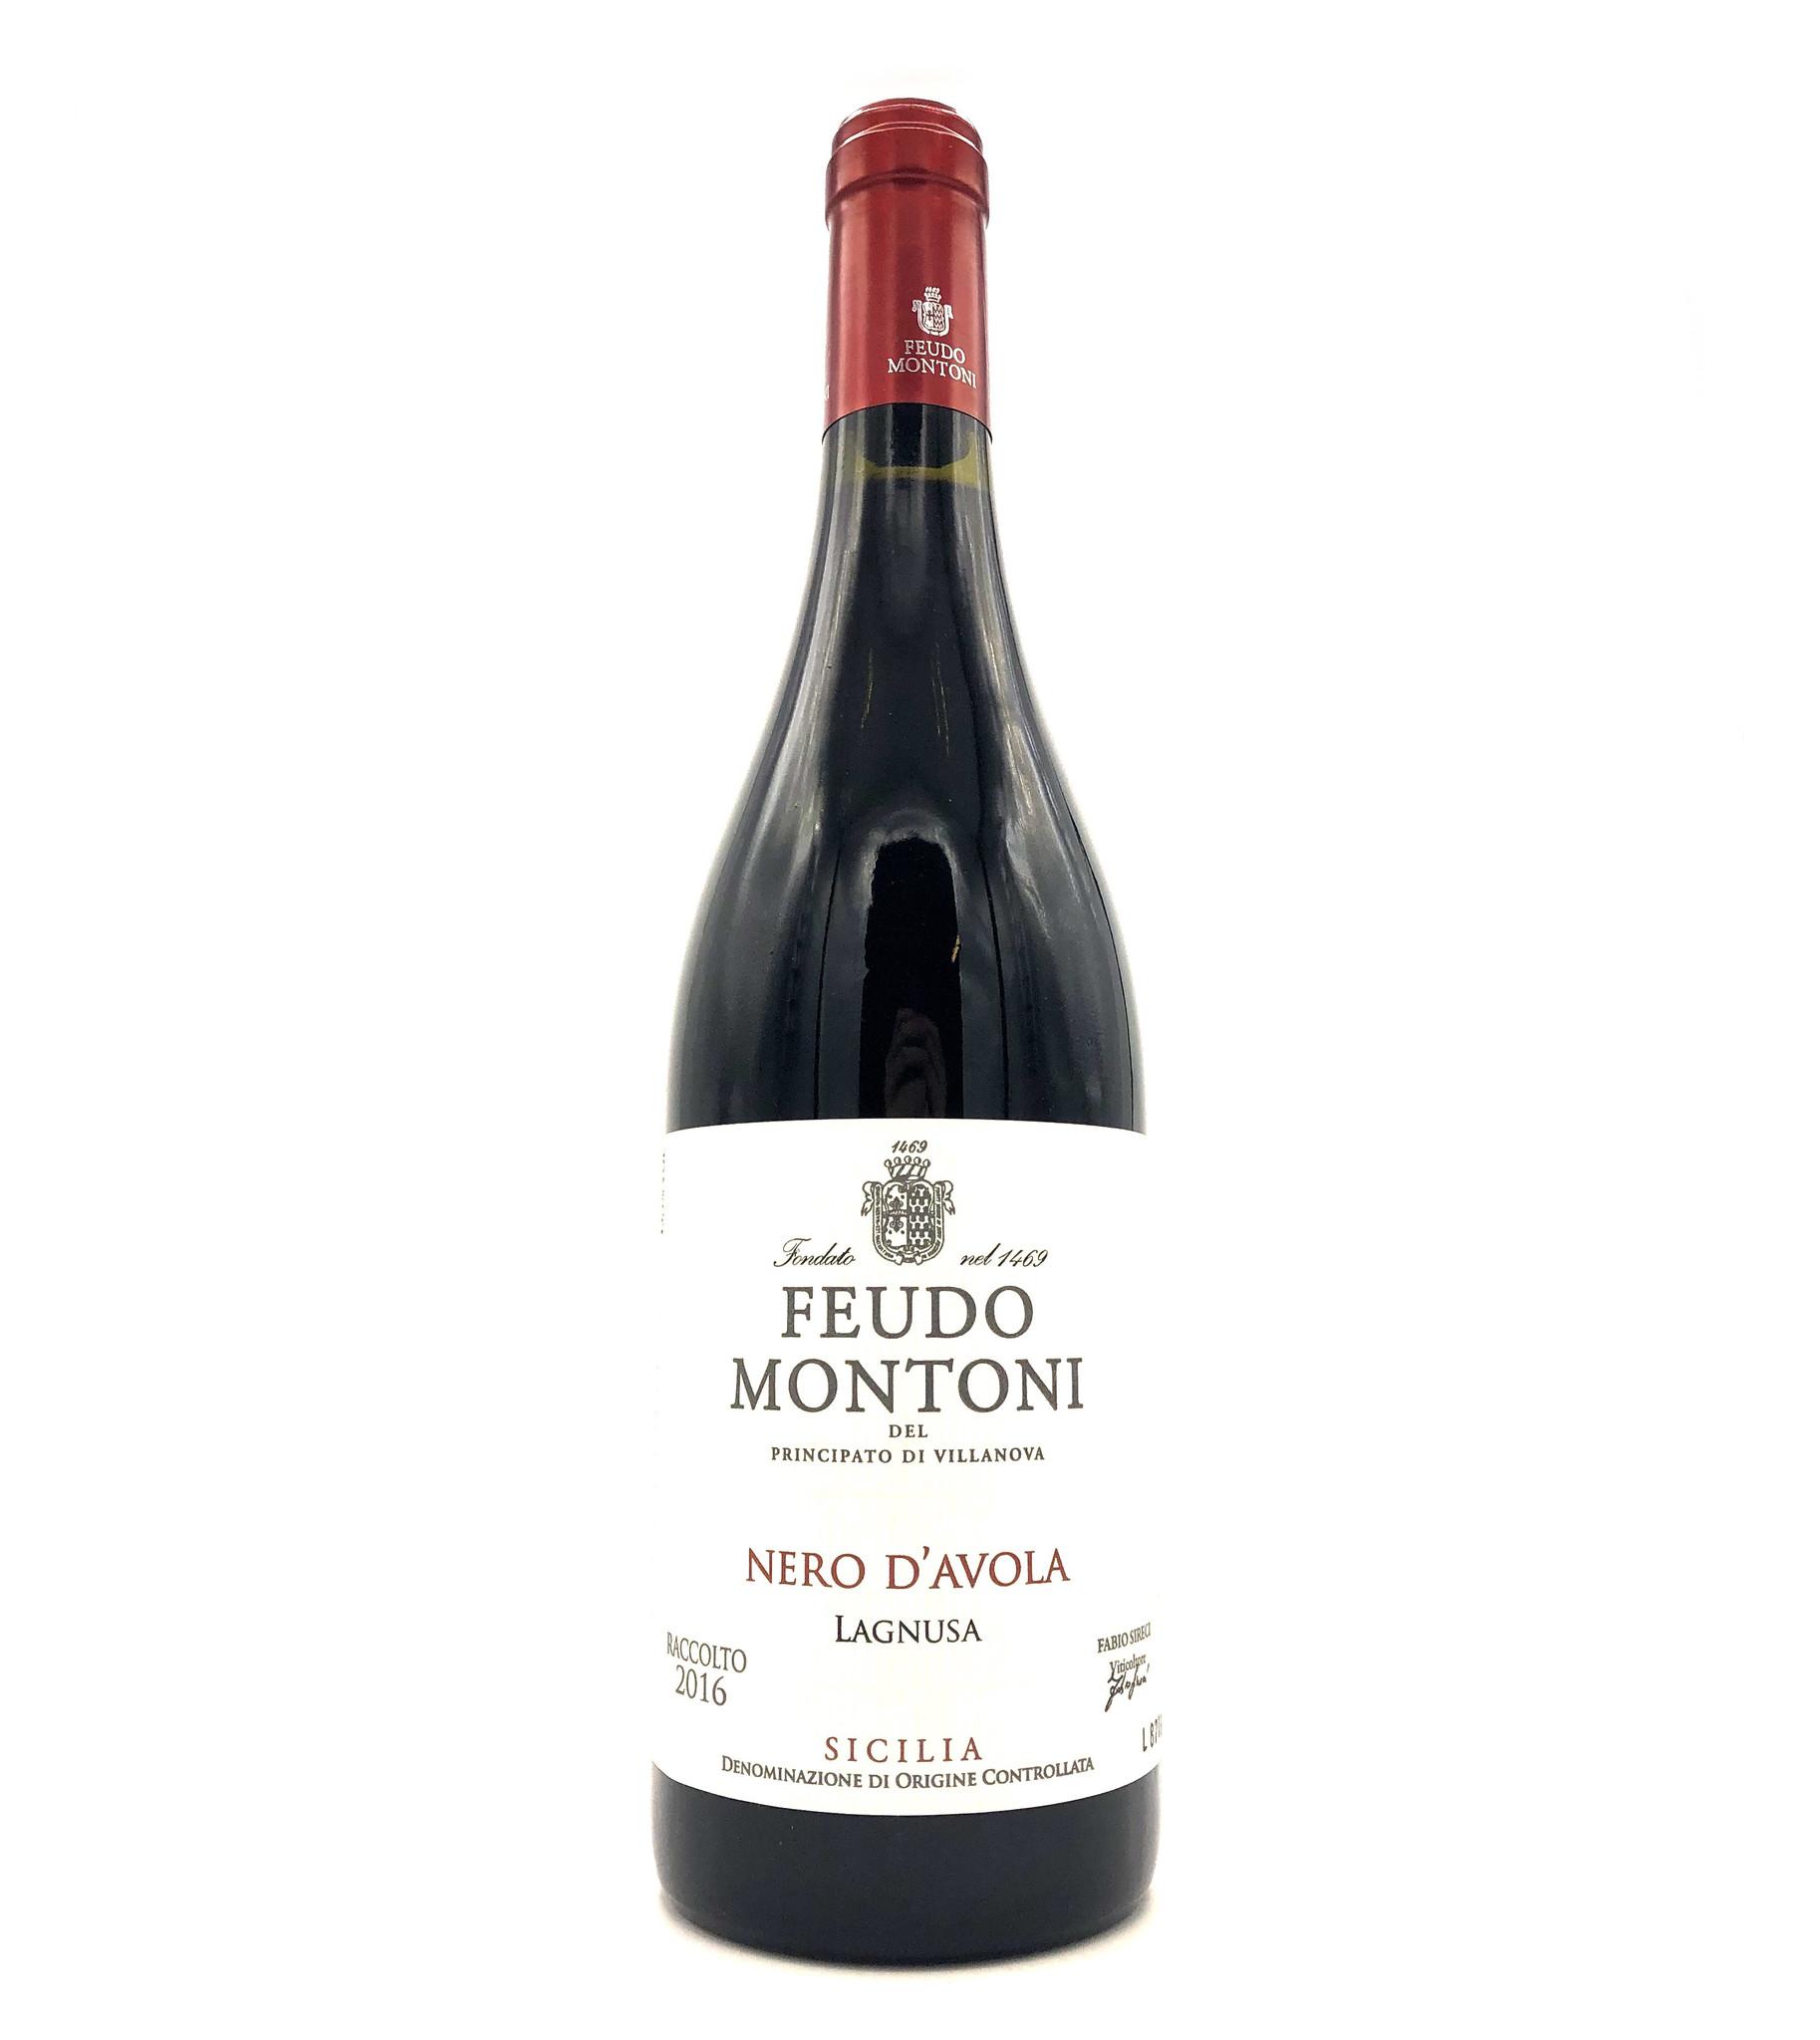 Nero d'Avola 2016  Feudo Montoni